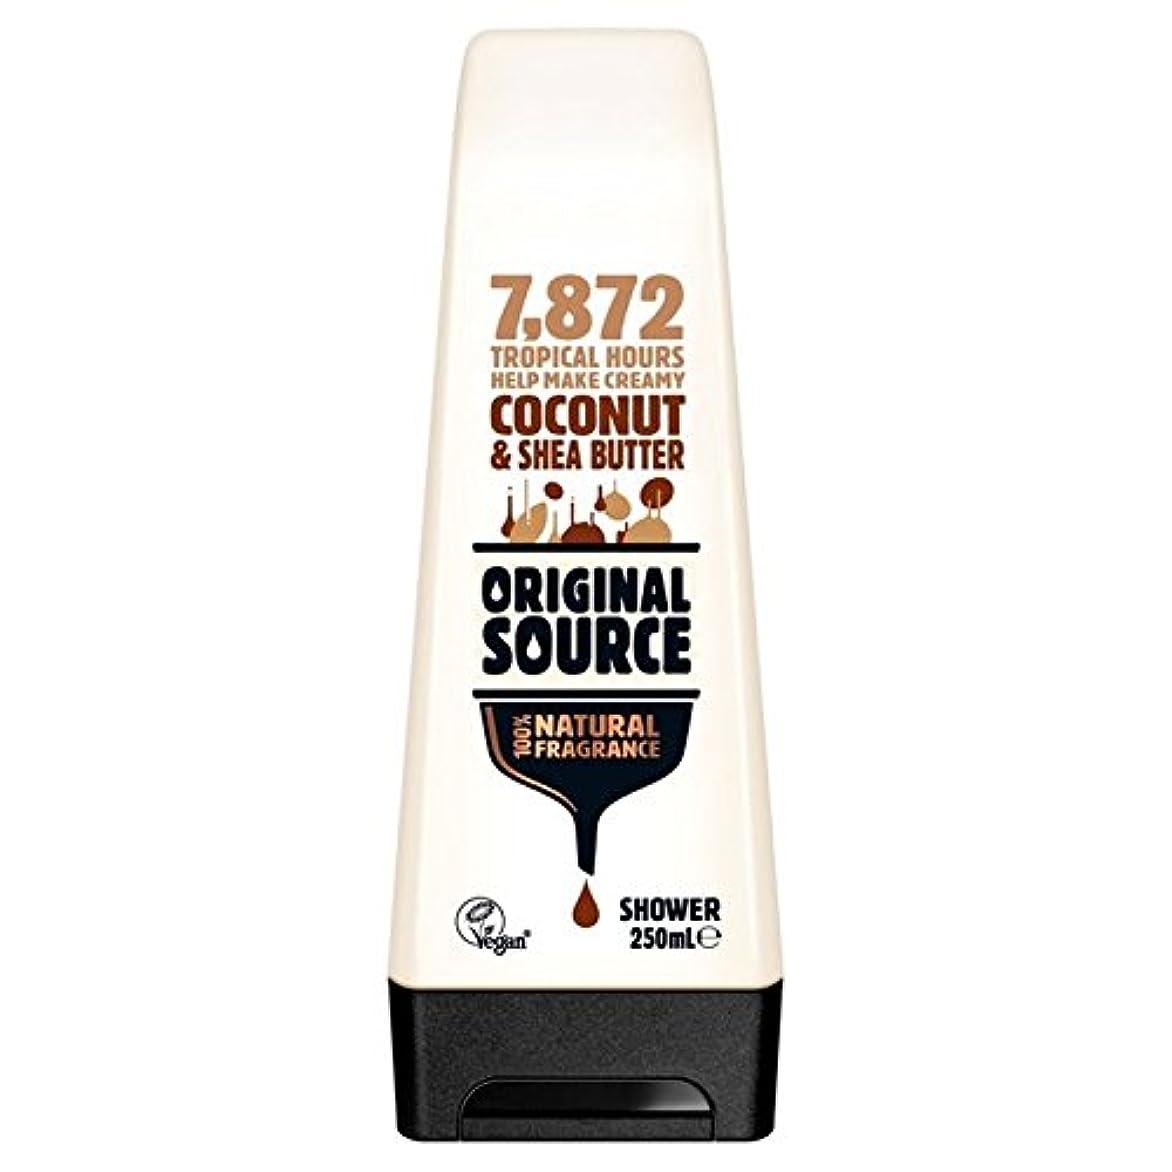 取り除く寄り添うリップOriginal Source Moisturising Coconut & Shea Butter Shower Gel 250ml (Pack of 6) - 元のソース保湿ココナッツ&シアバターシャワージェル250...